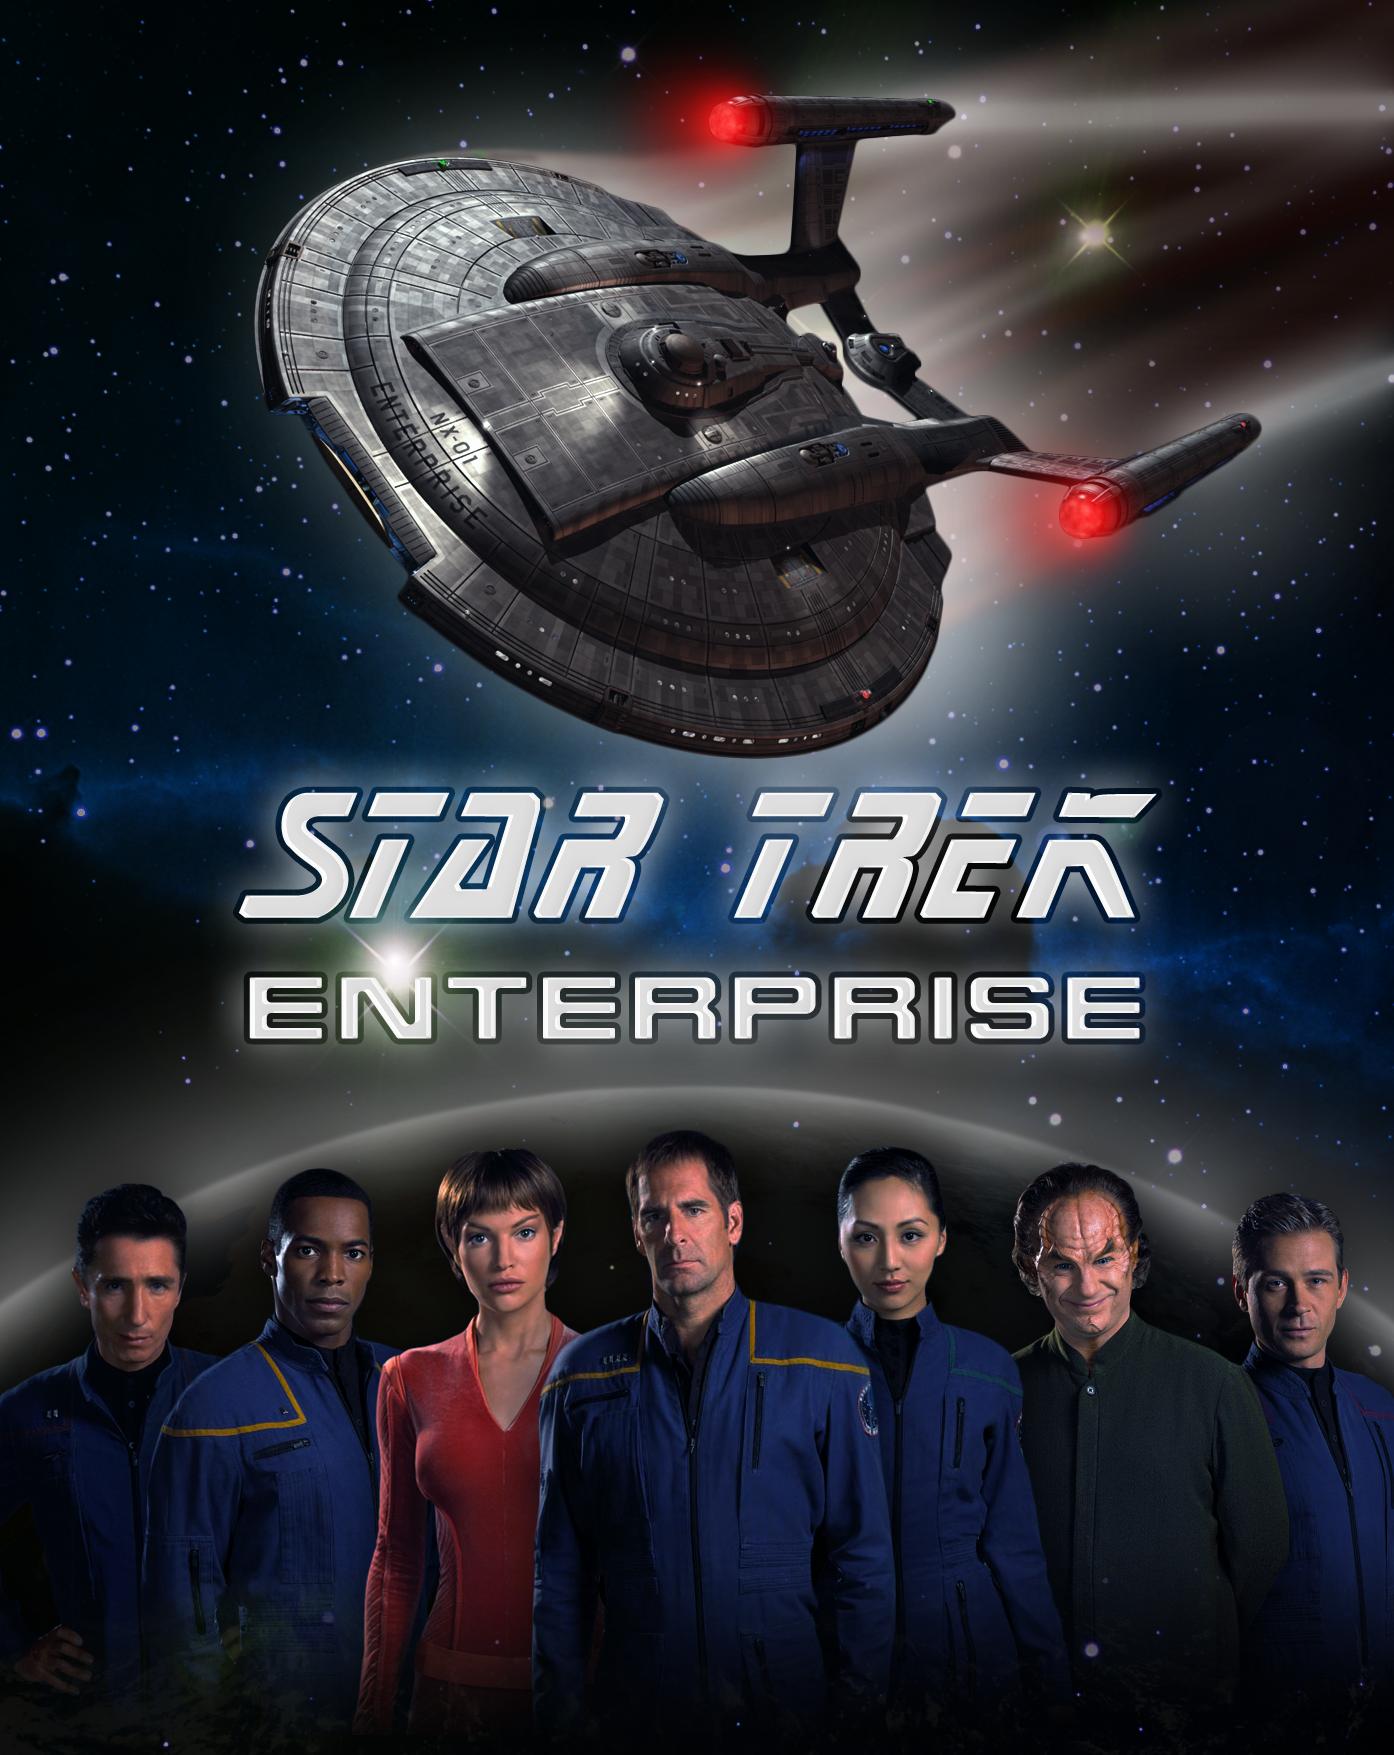 Star Trek: Enterprise Star_trek_enterprise_poster_by_chrisstian-d2yurkf